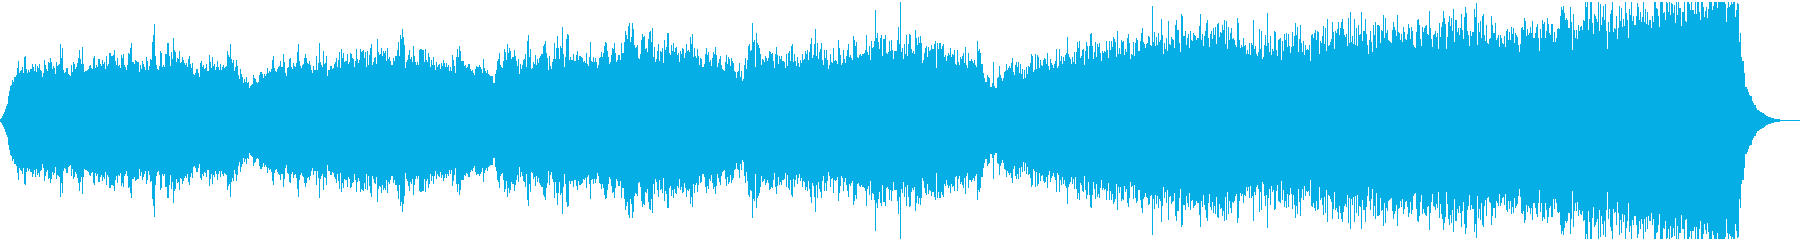 新世紀エレクトロニクス 感情的 バ...の再生済みの波形